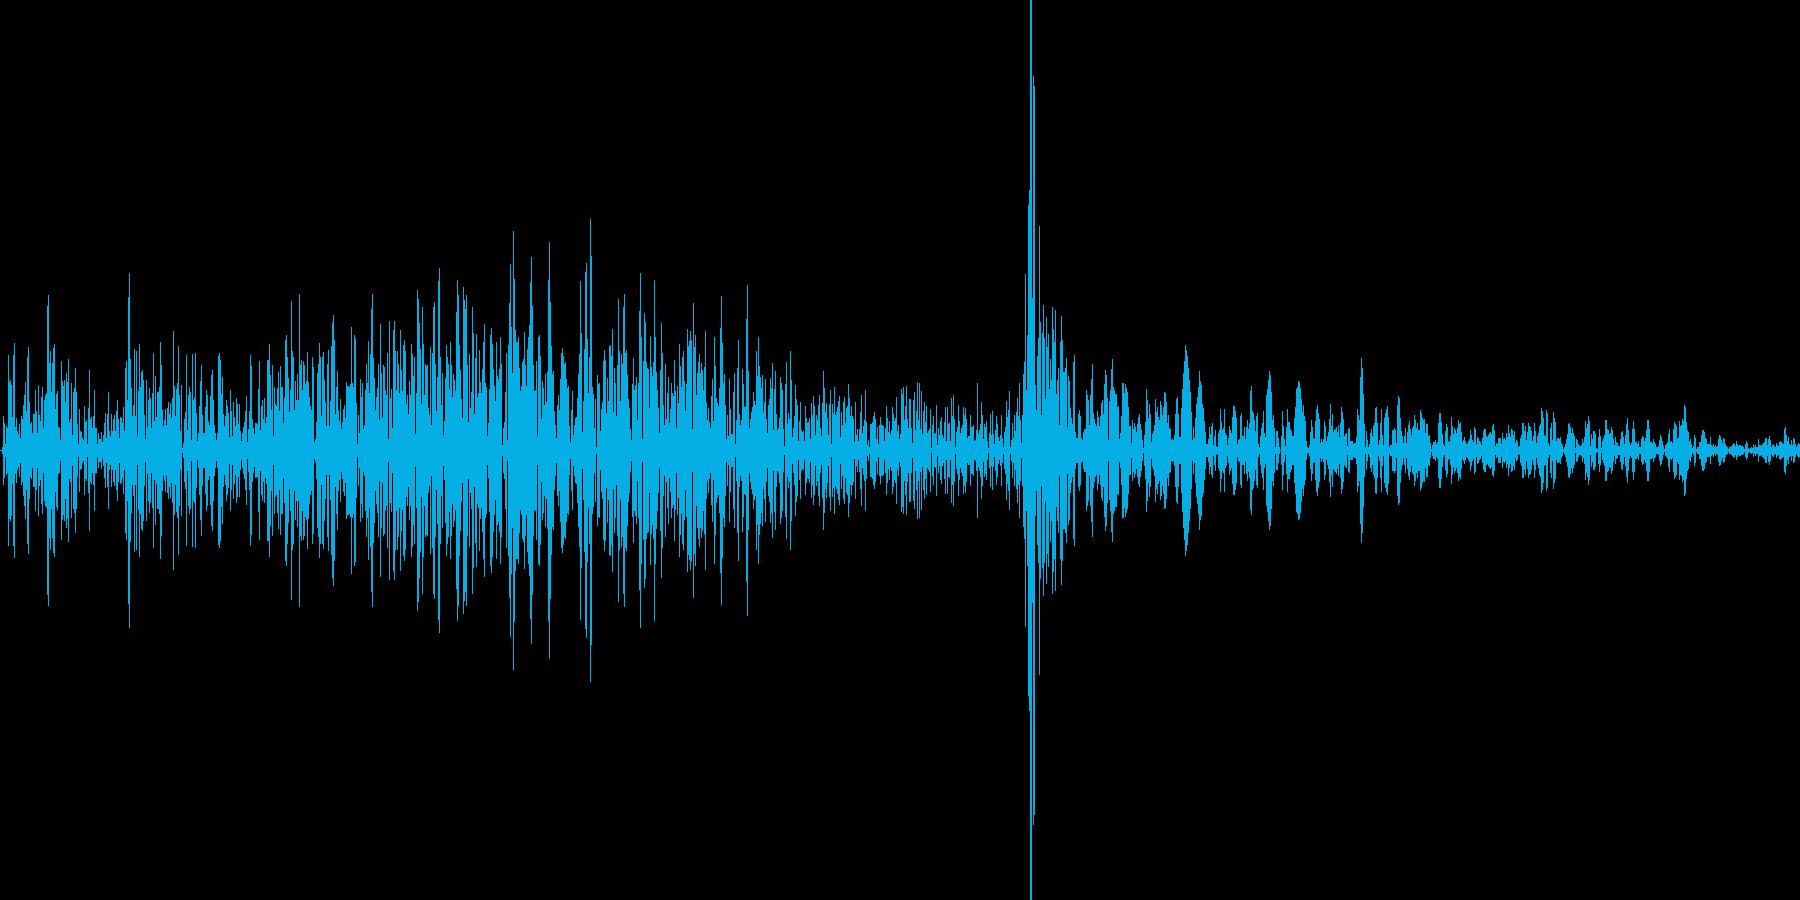 カード(トランプ)を出す音の再生済みの波形